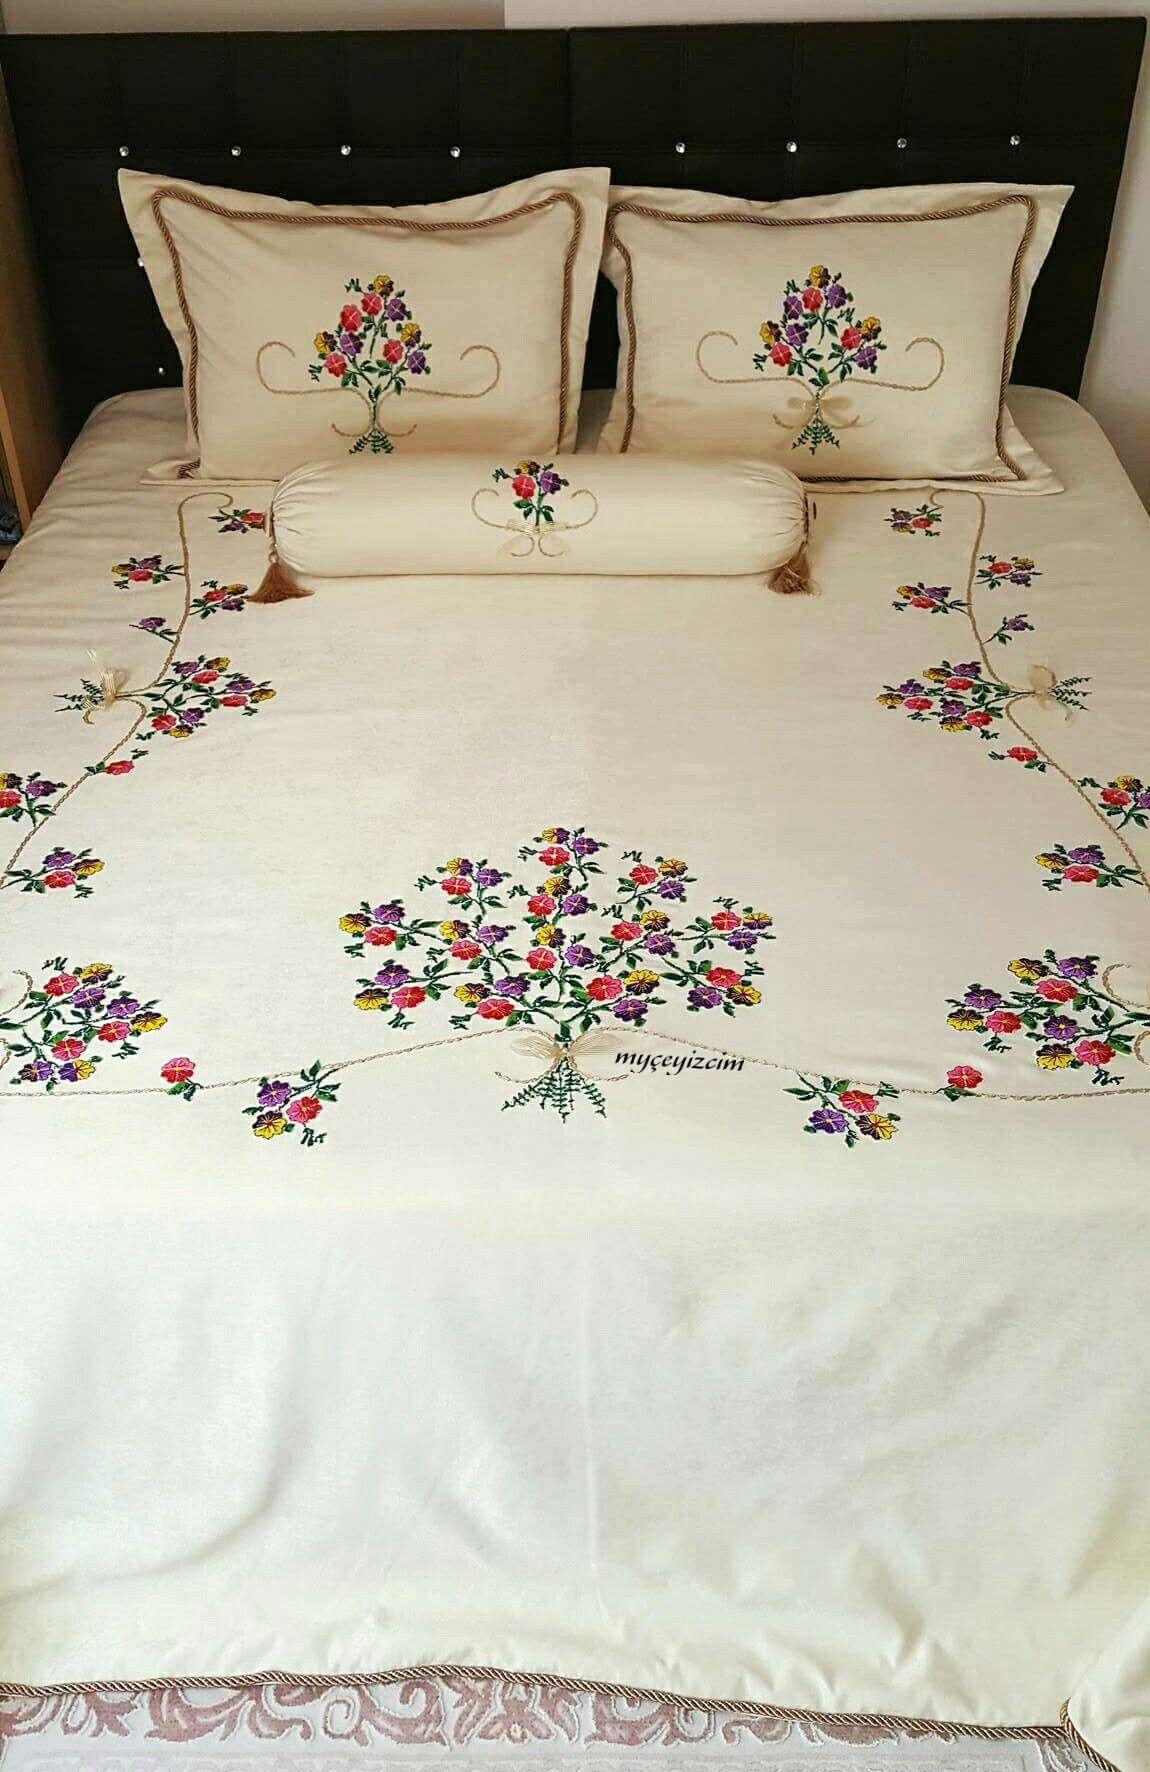 Eski kanaviceleri yatak örtüsü olarak değerlendirdik   Denenecek ...